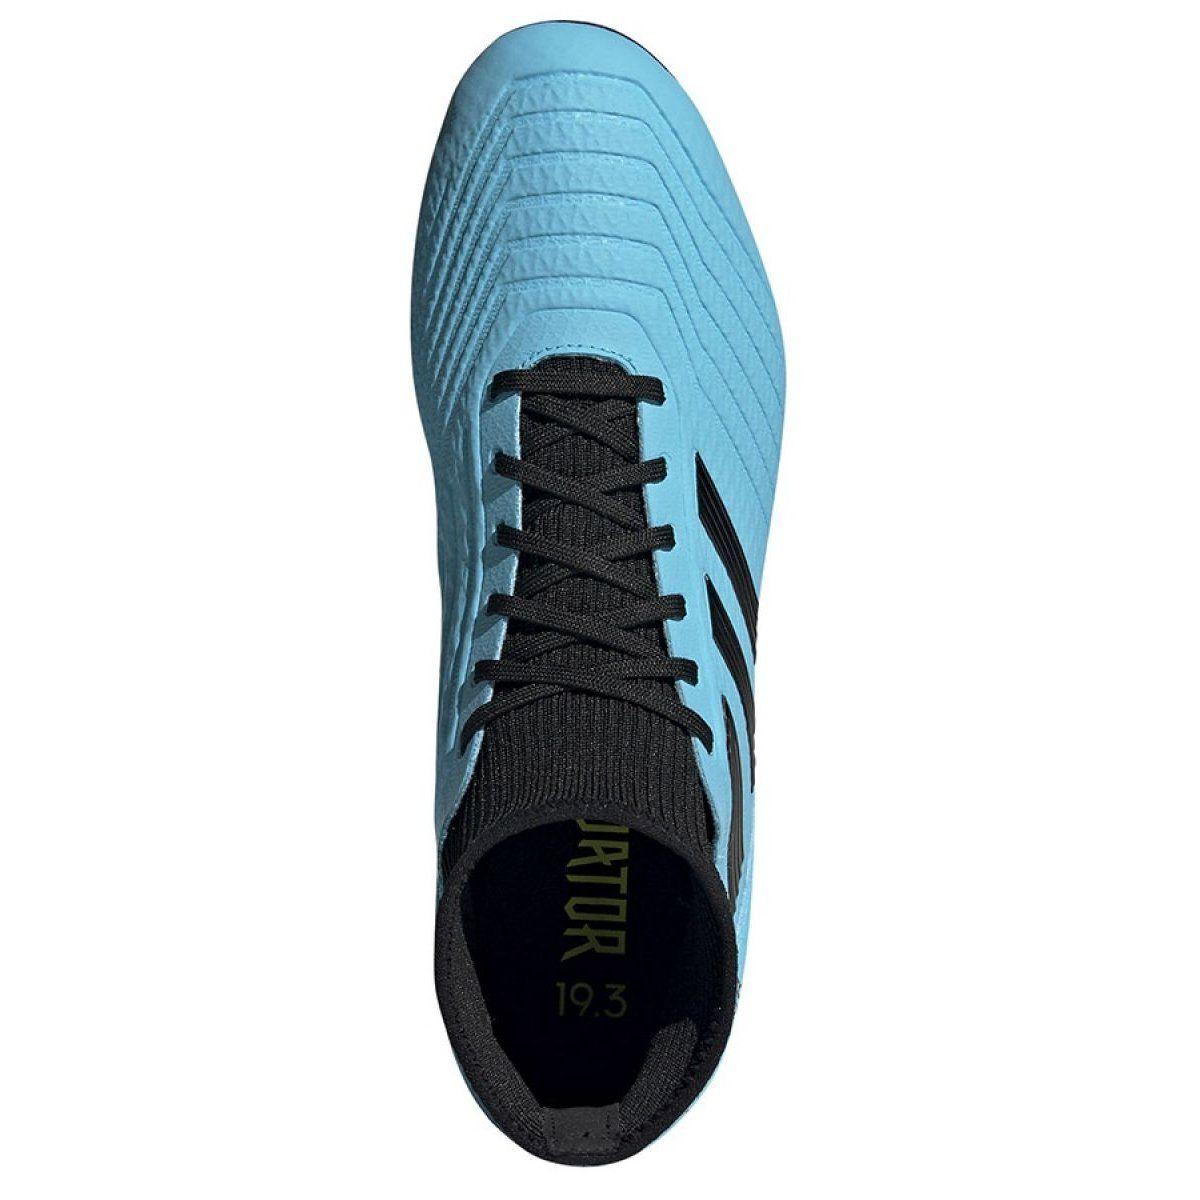 Buty Pilkarskie Adidas Predator 19 3 Ag M F99990 Niebieskie Niebieskie Football Boots Football Shoes Adidas Predator